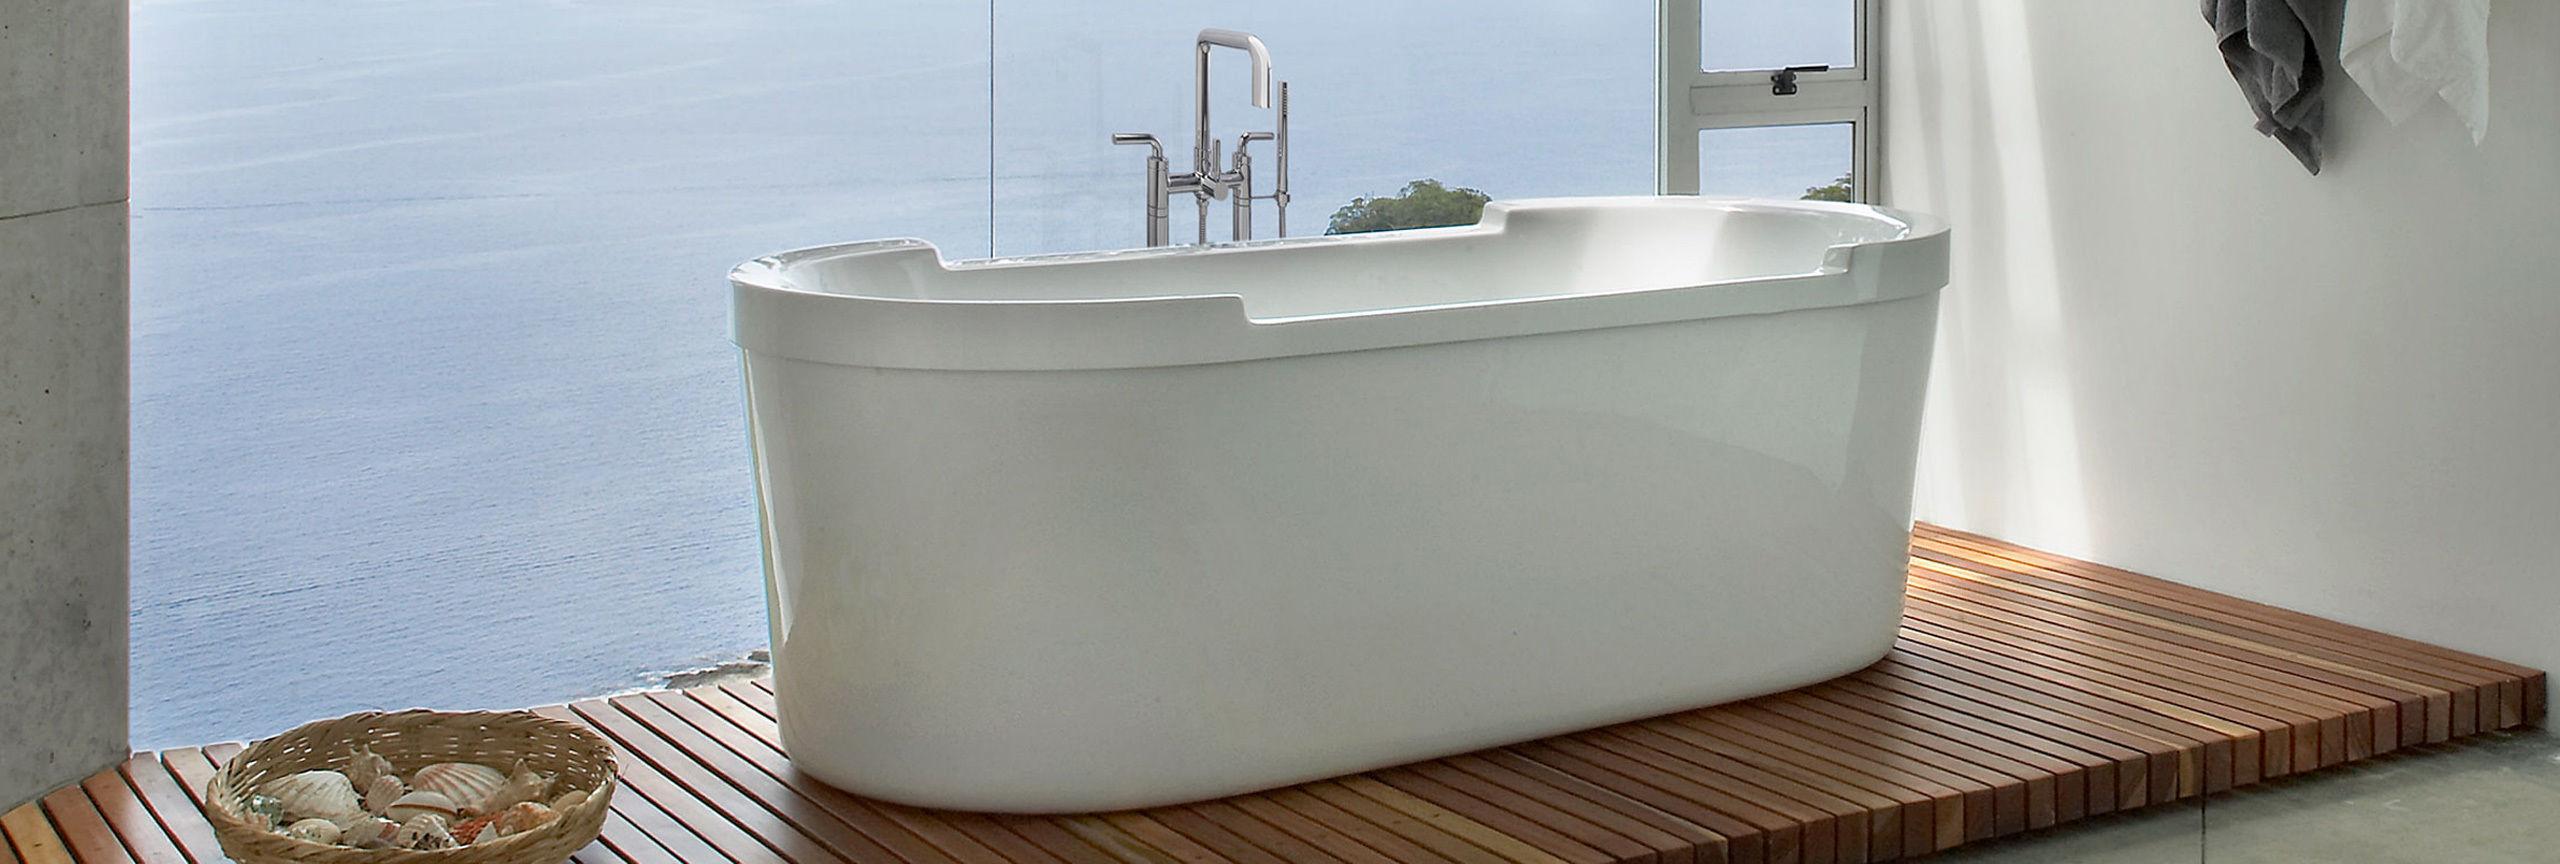 Bathroom series Bolsa floor mount tub filler with tub on teak flooring